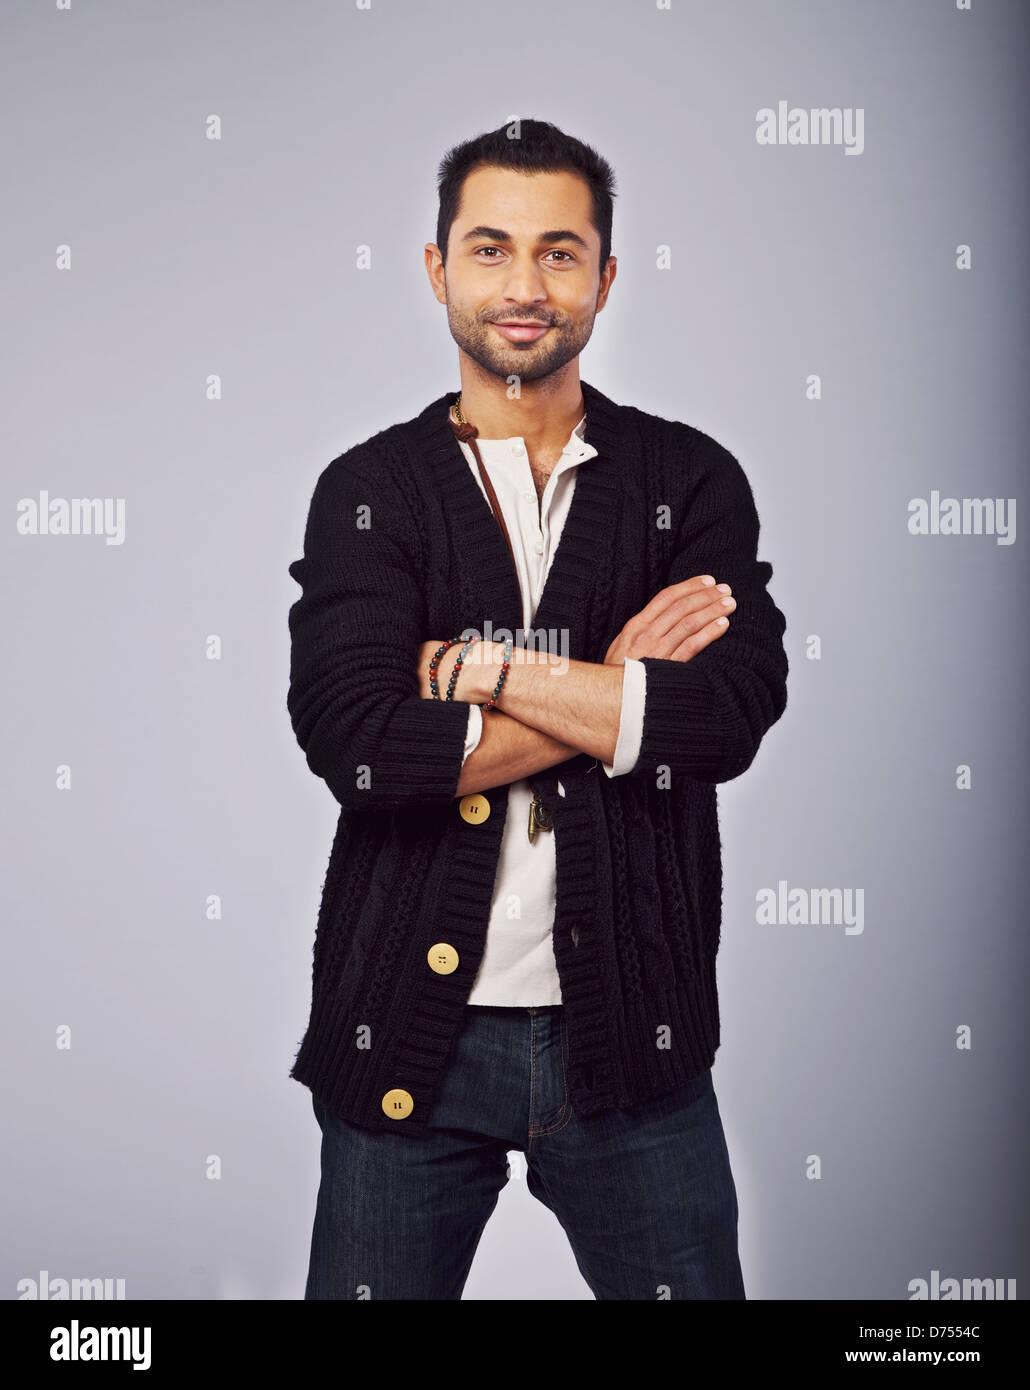 Retrato de un sonriente moda guy standing en un estudio. Imagen De Stock